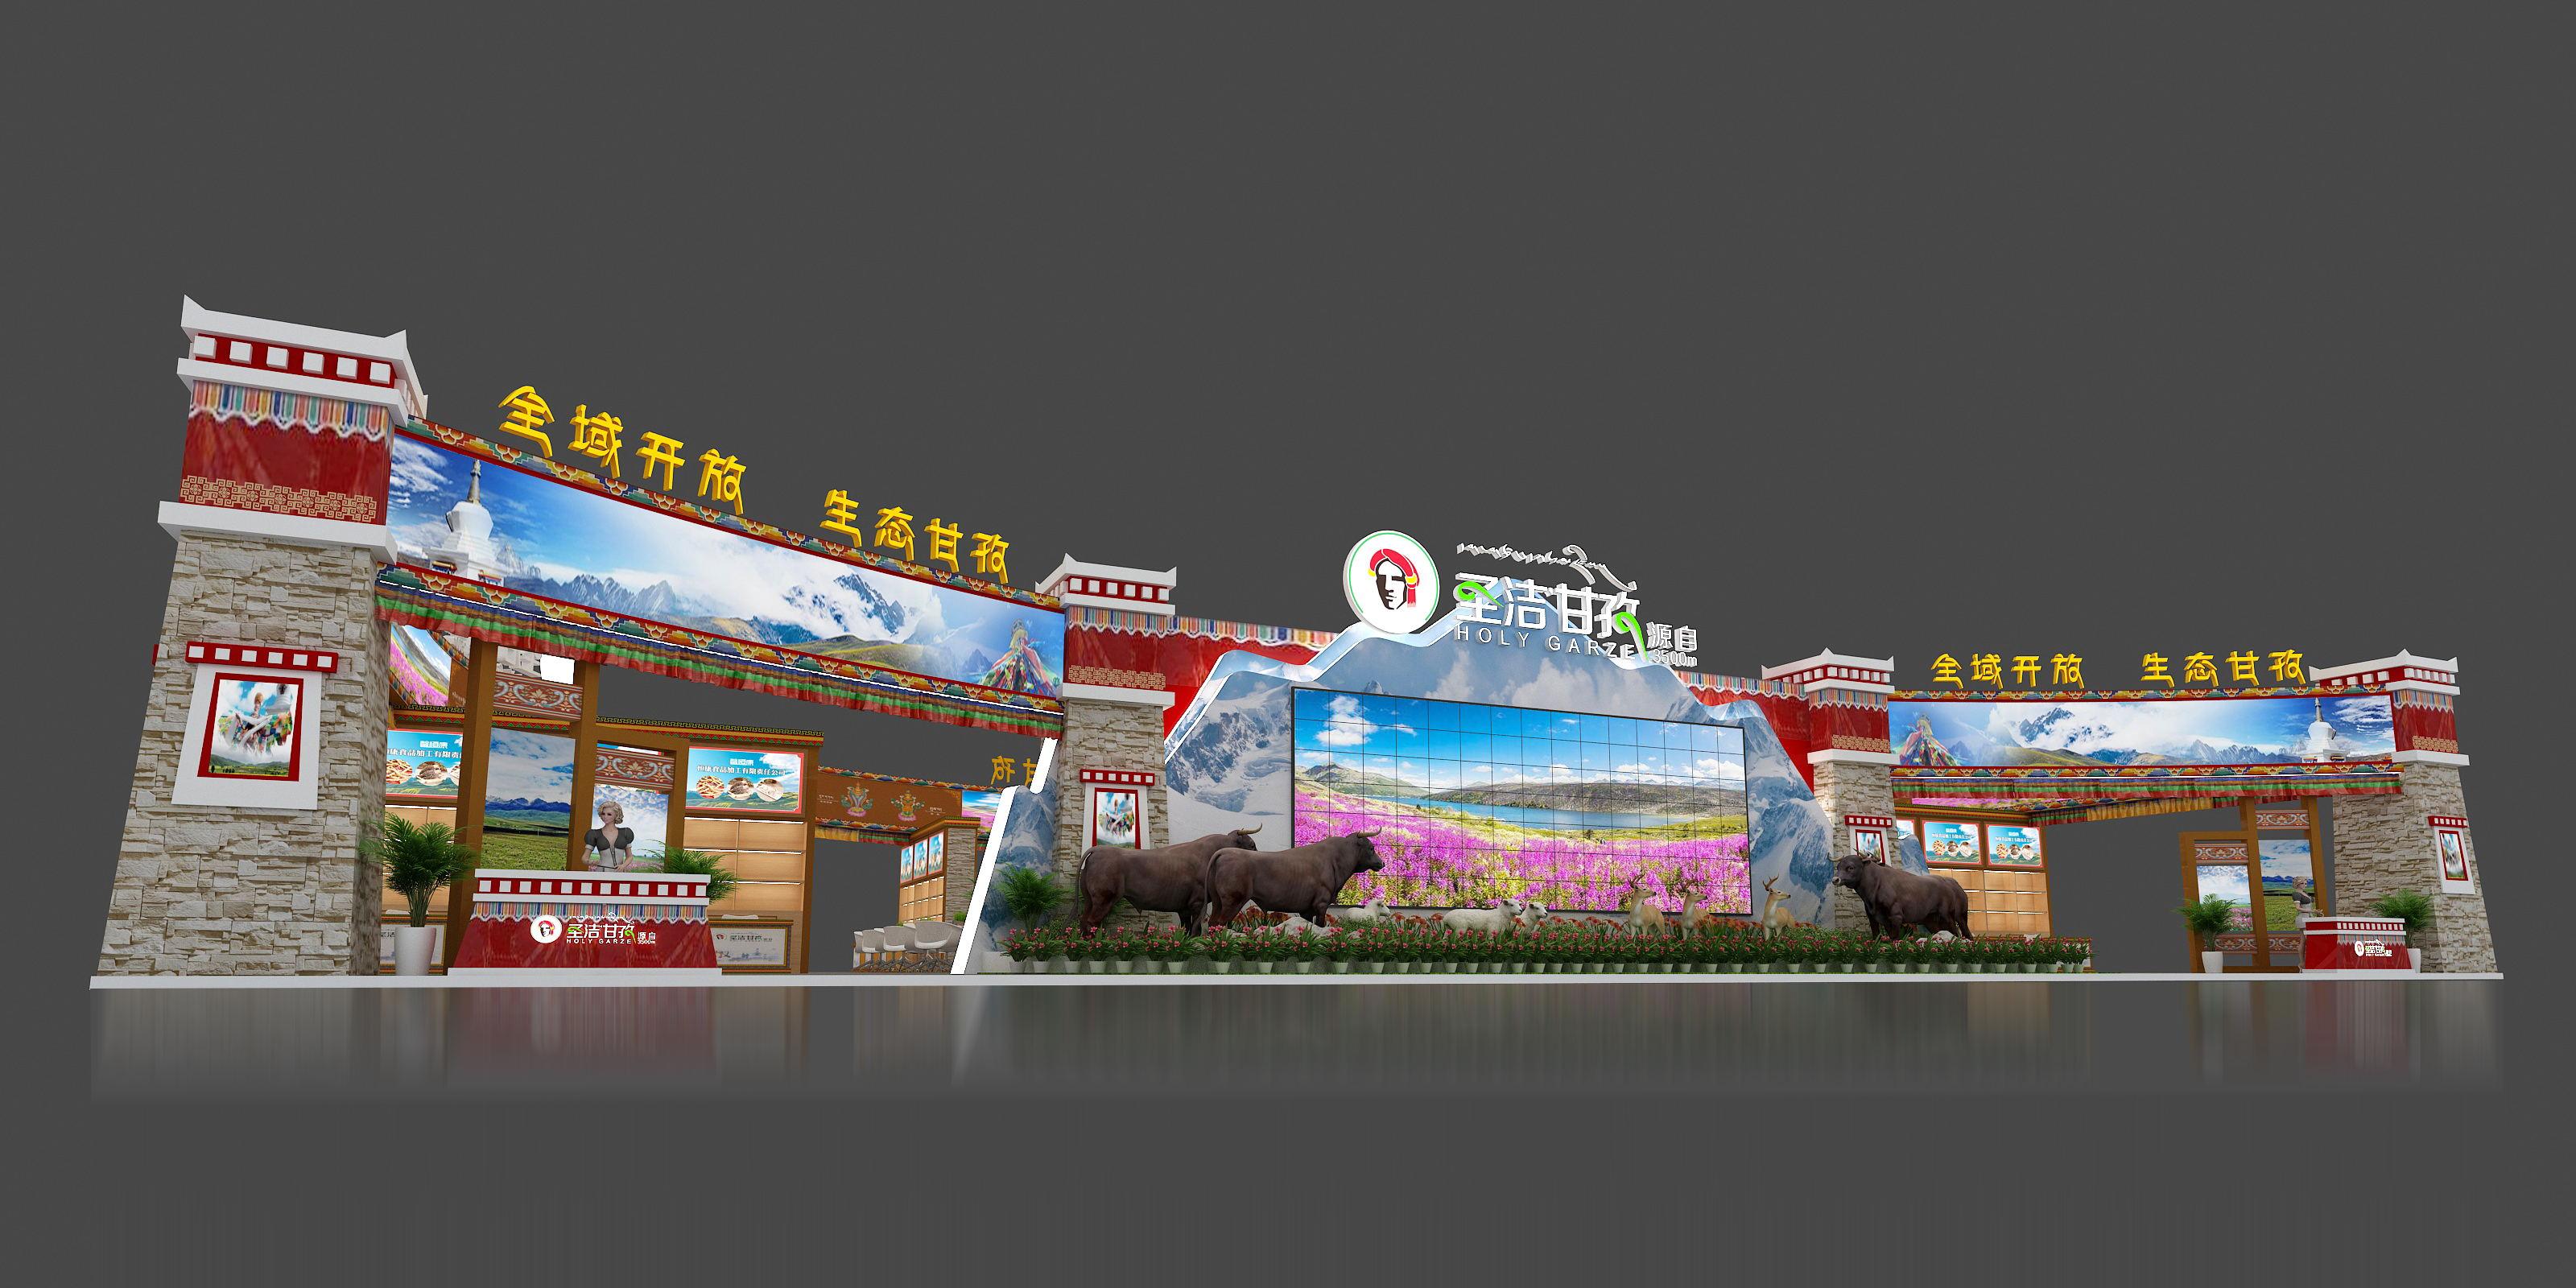 第七屆四川農業博覽會甘孜展位